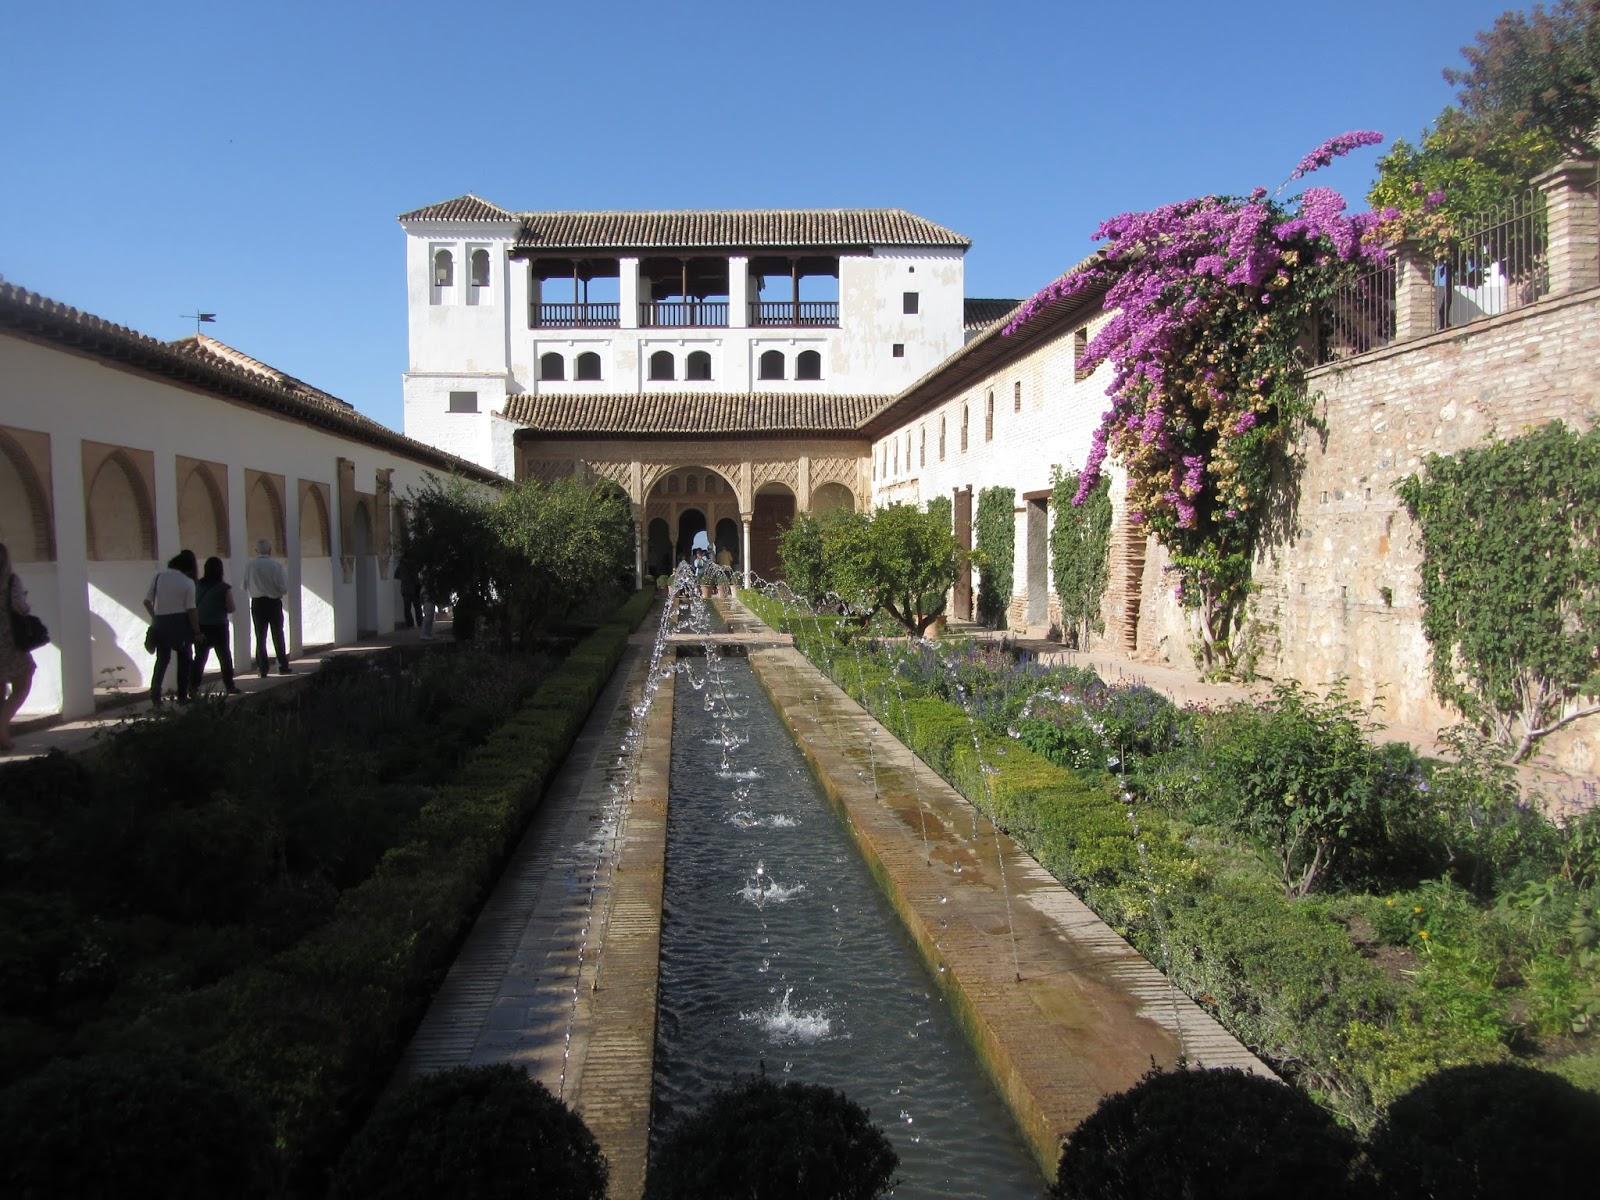 Patio de la Acéquia, con un pórtico de arcos al fondo que da acceso a la Sala Regia.